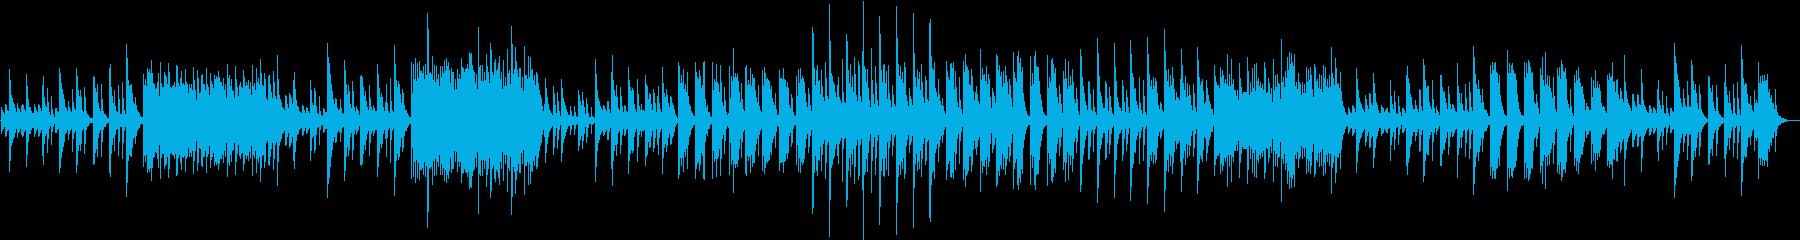 クラシカルなピアノの再生済みの波形